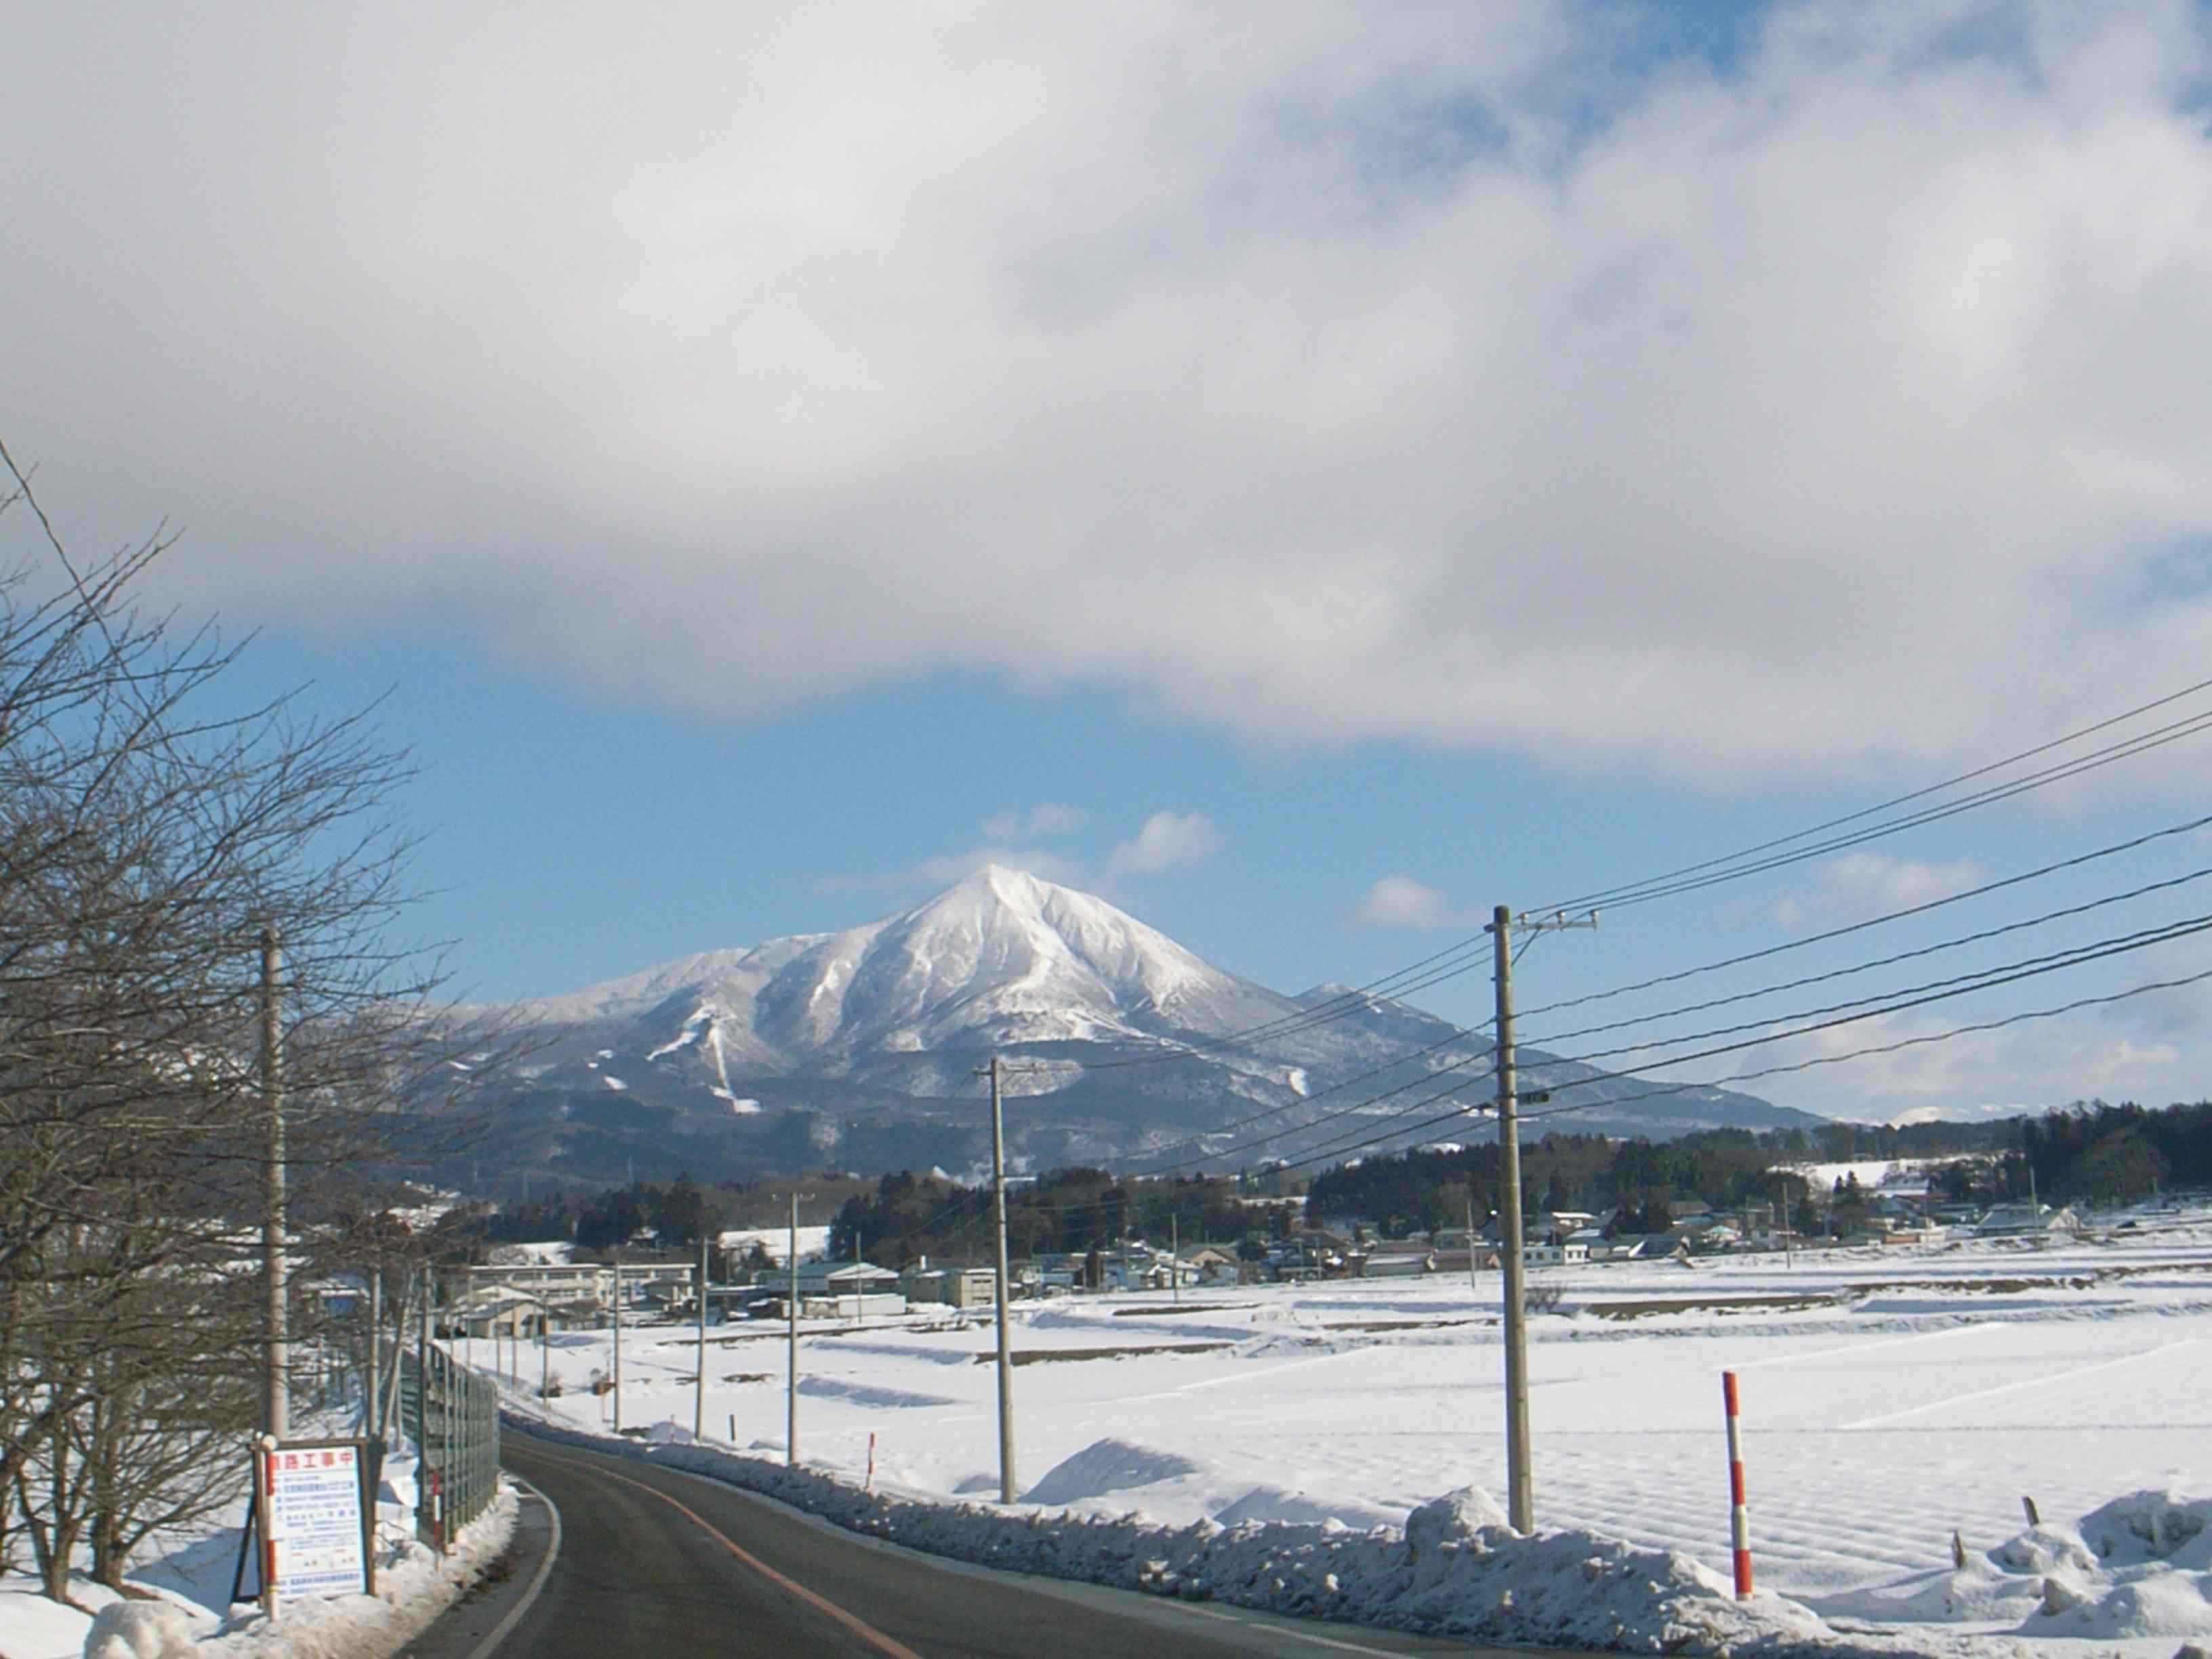 写真を撮りに行く途中で・・・磐梯山。_c0141989_15294722.jpg